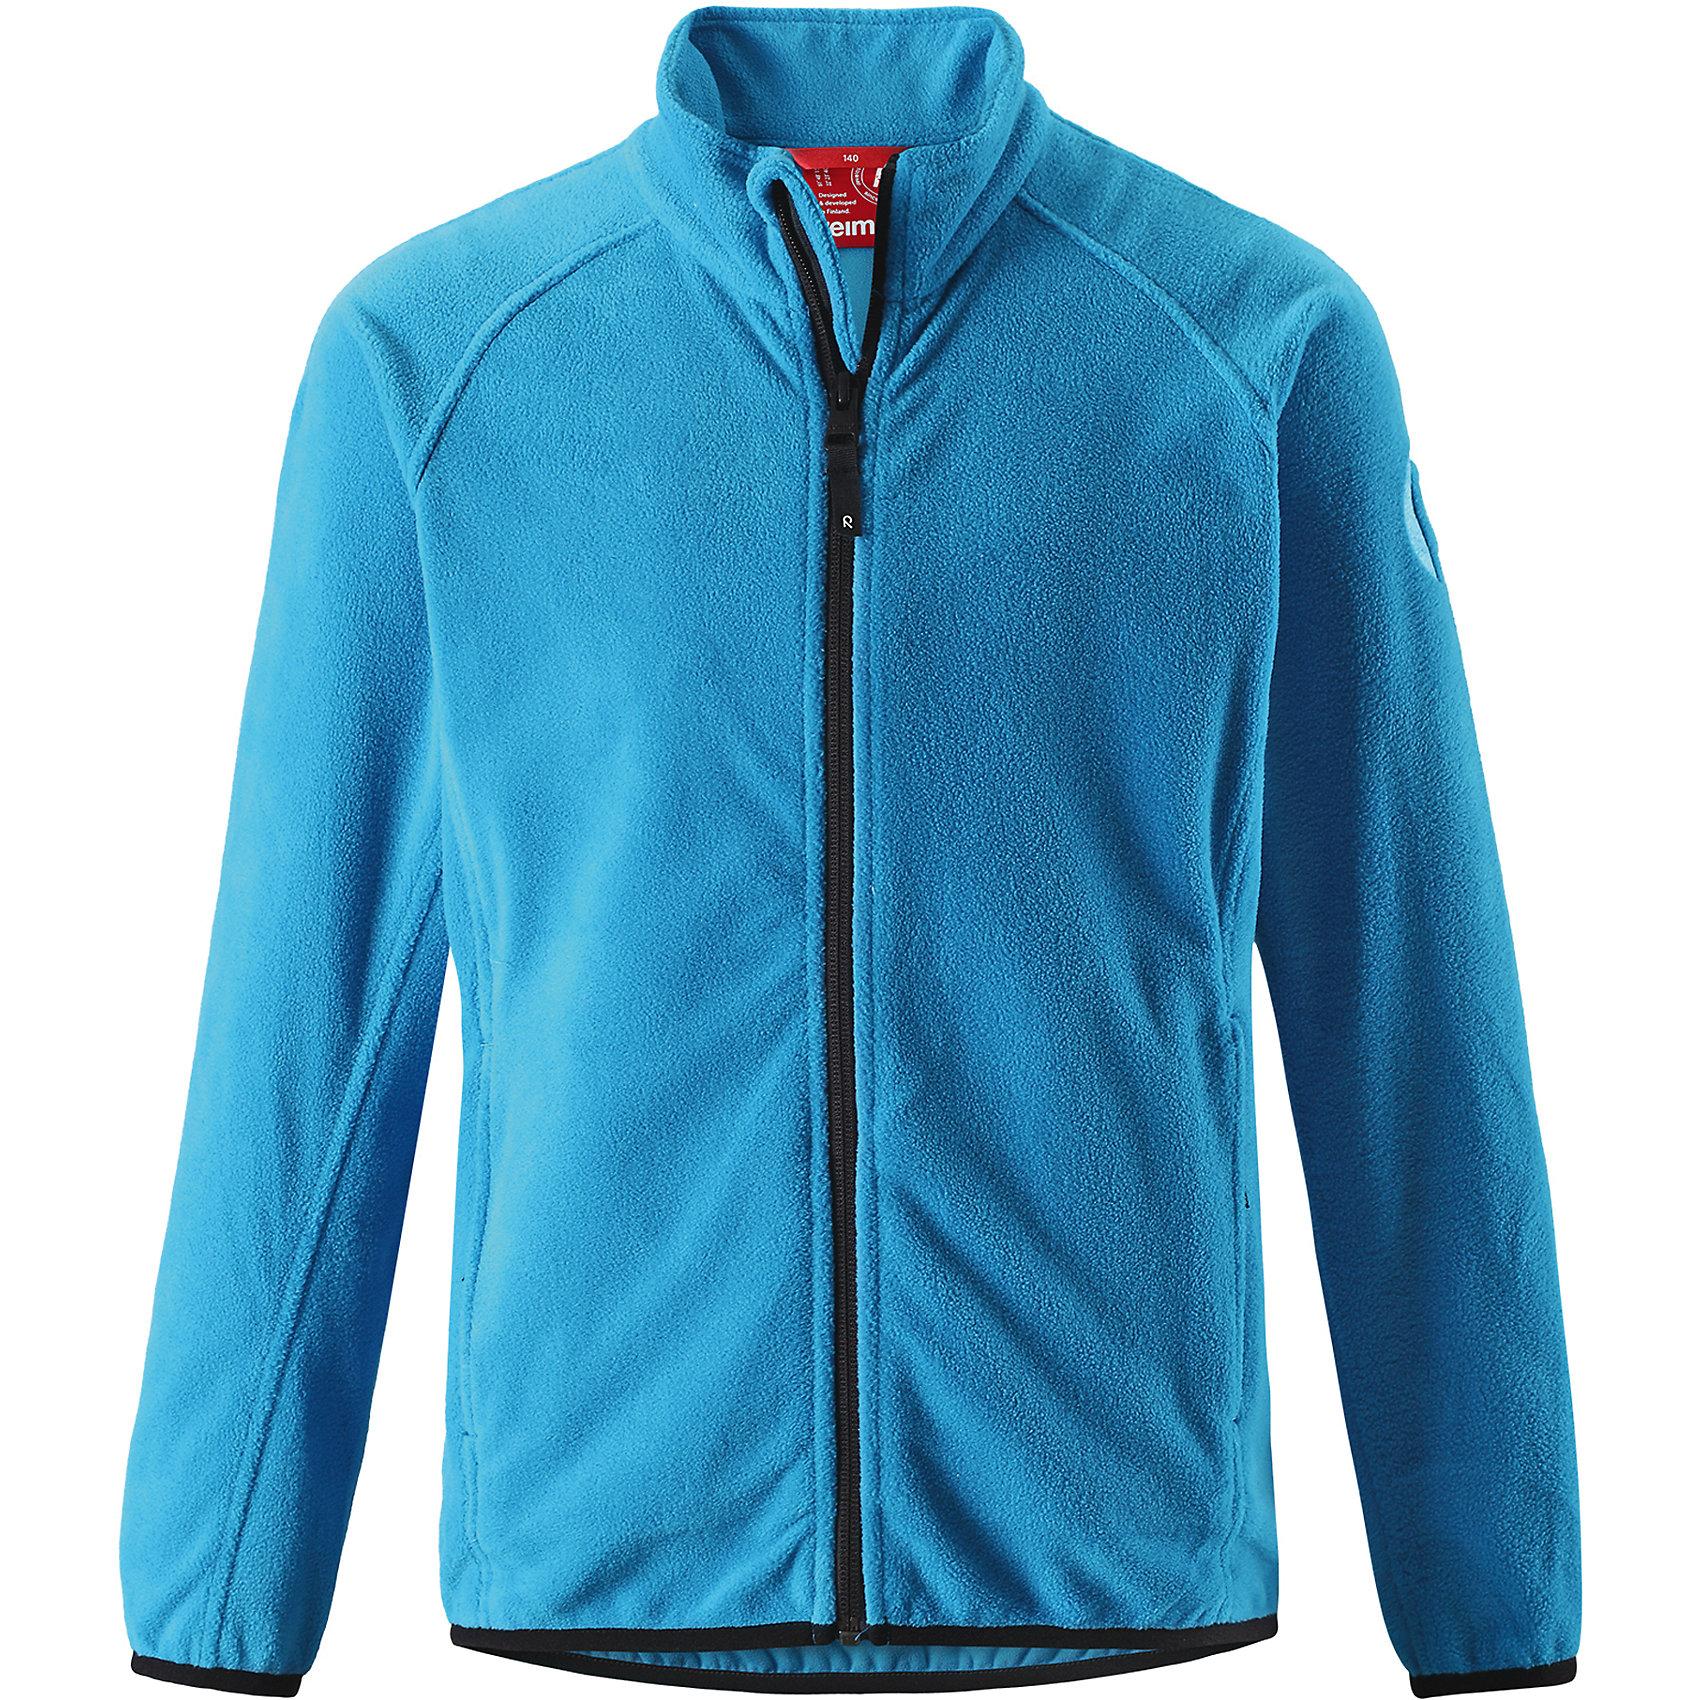 Свитер Reima Riddle для мальчикаФлис и термобелье<br>Характеристики товара:<br><br>• цвет: голубой;<br>• состав: 100% полиэстер; <br>• сезон: демисезон;<br>• выводит влагу в верхние слои одежды;<br>• теплый, легкий и быстросохнущий флис;<br>• эластичные манжеты и подол;<br>• молния по всей длине с защитой подбородка;<br>• два кармана на молнии;<br>• страна бренда: Финляндия;<br>• страна изготовитель: Китай;<br><br>Эта детская флисовая куртка сшита из необыкновенно легкого и теплого микрофлиса. Материал идеально подходит для зимних активных забав, поскольку эффективно выводит влагу от кожи в верхние слои одежды и быстро сохнет. Дышащий материал не парит, сколько ни бегай. Защита для подбородка на молнии обеспечивает дополнительный комфорт и не дает поцарапаться об зубчики. Куртка украшена горячим тиснением и снабжена двумя карманами на молнии, а также эластичным подолом и манжетами.<br><br>Флисовую кофту Reima Riddle для мальчика (Рейма) можно купить в нашем интернет-магазине.<br><br>Ширина мм: 190<br>Глубина мм: 74<br>Высота мм: 229<br>Вес г: 236<br>Цвет: синий<br>Возраст от месяцев: 156<br>Возраст до месяцев: 168<br>Пол: Мужской<br>Возраст: Детский<br>Размер: 164,104,110,116,122,128,134,140,146,152,158<br>SKU: 6906329